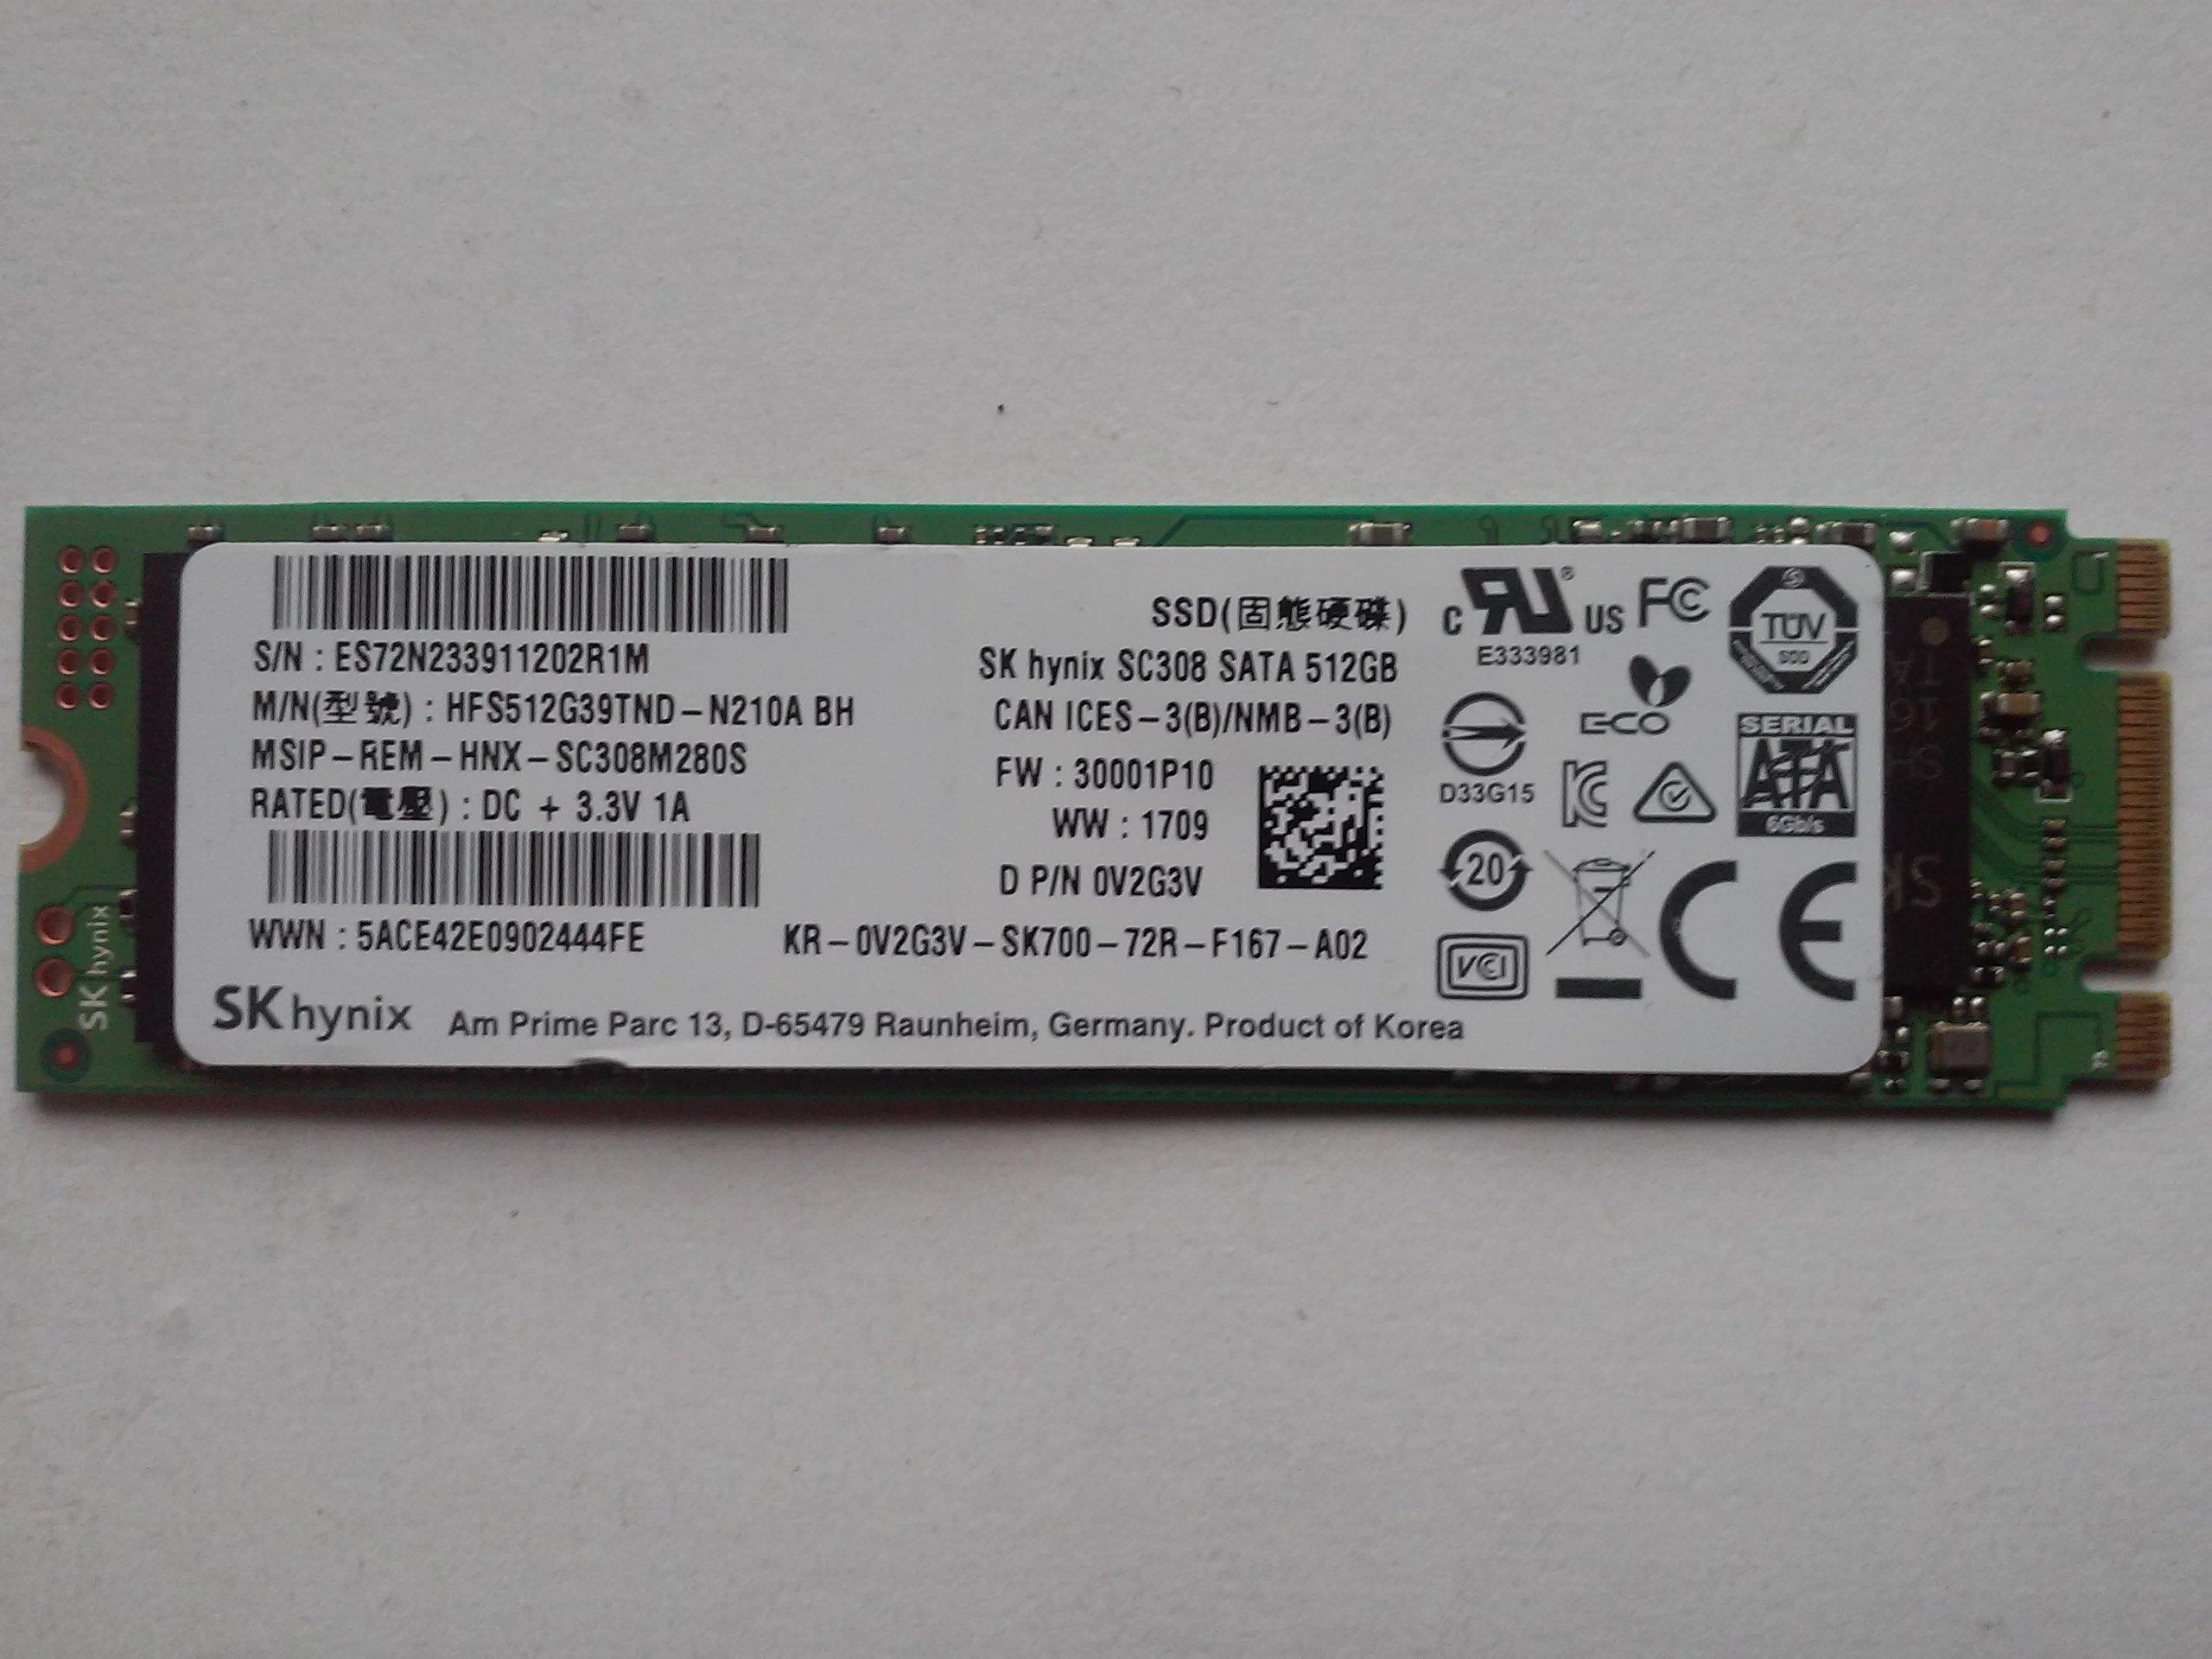 DYSK SSD M.2 2280 - MICRON, SK HYNIX - 512GB